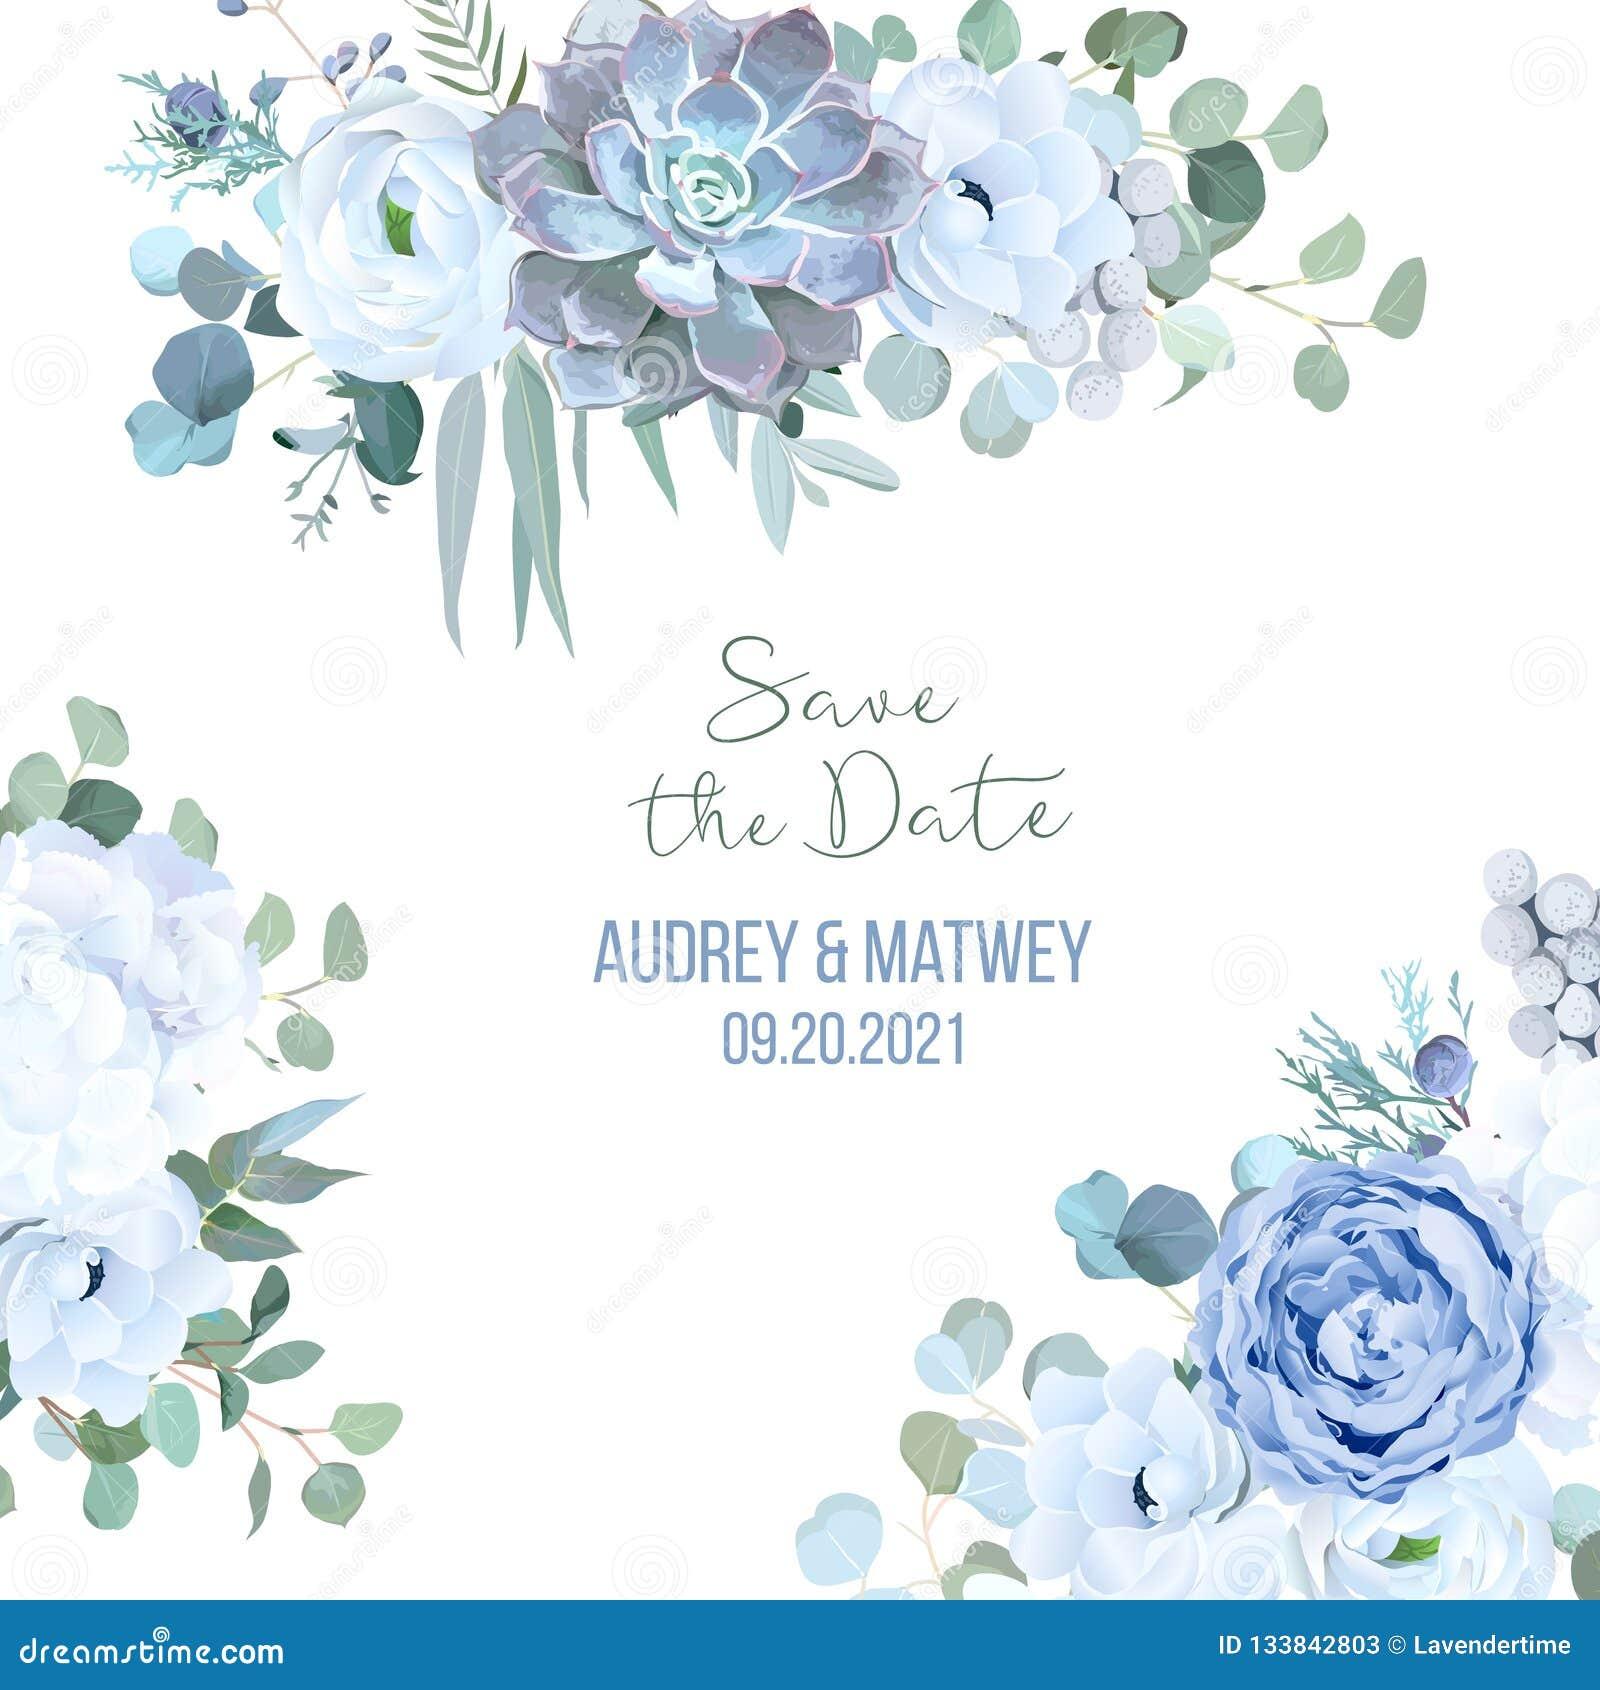 Dusty Blue Rose Echeveria Succulent White Hydrangea